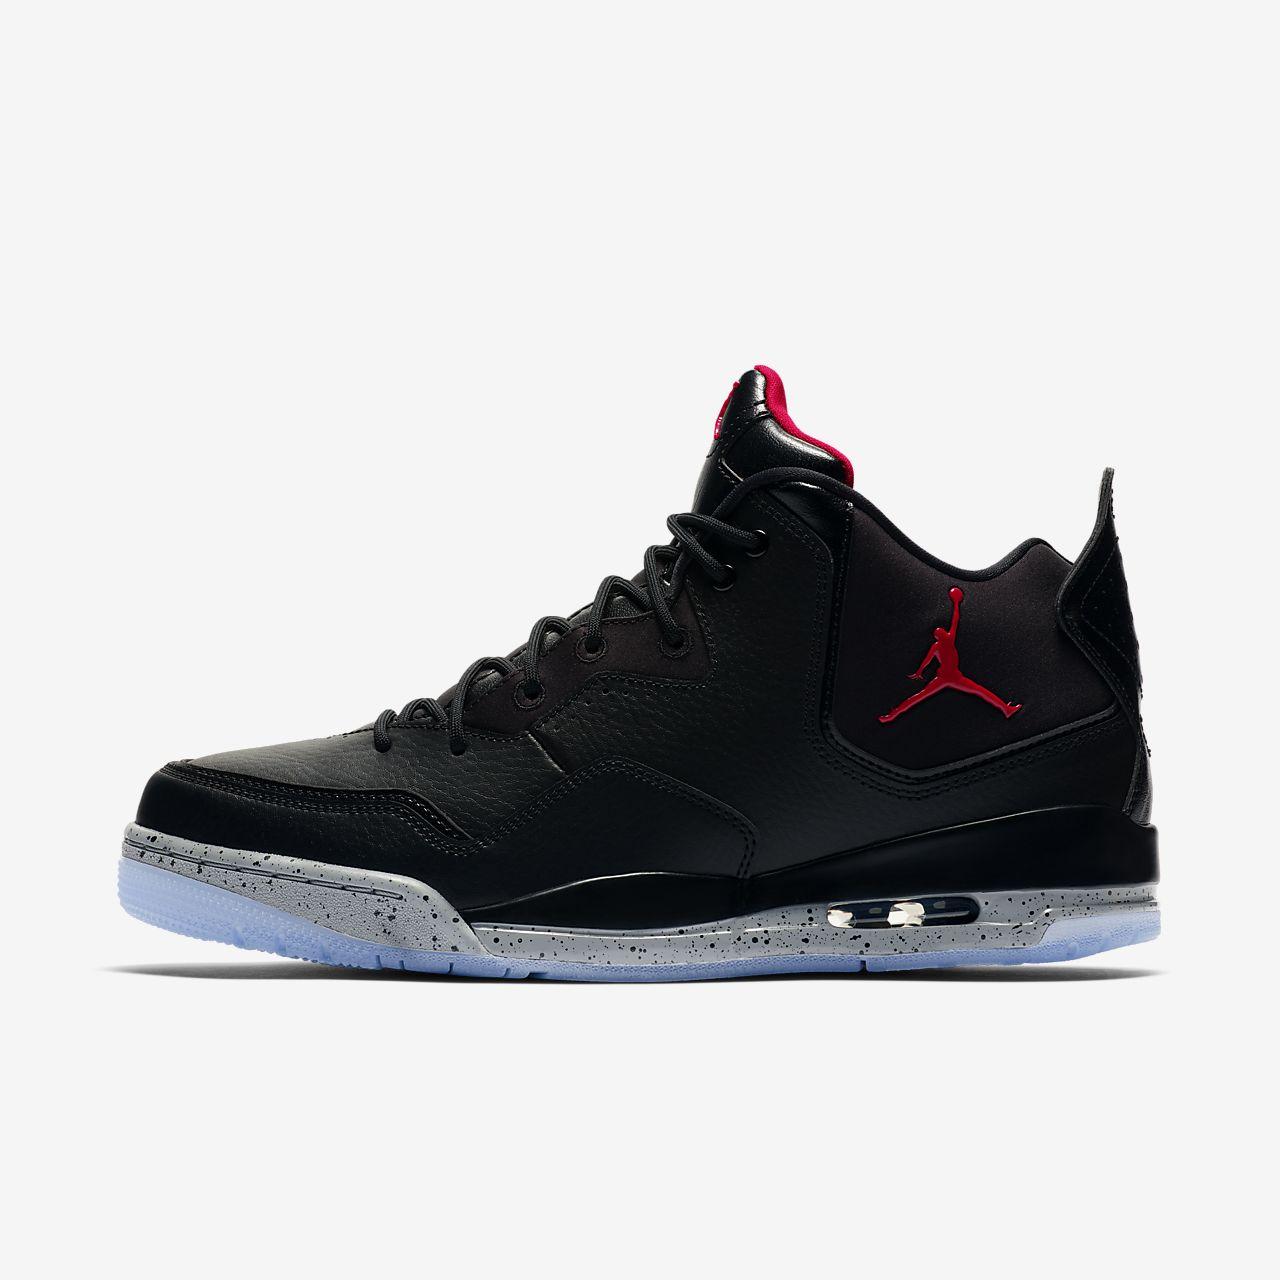 ec23d4c95d96 Jordan Courtside 23 Men s Shoe. Nike.com AU